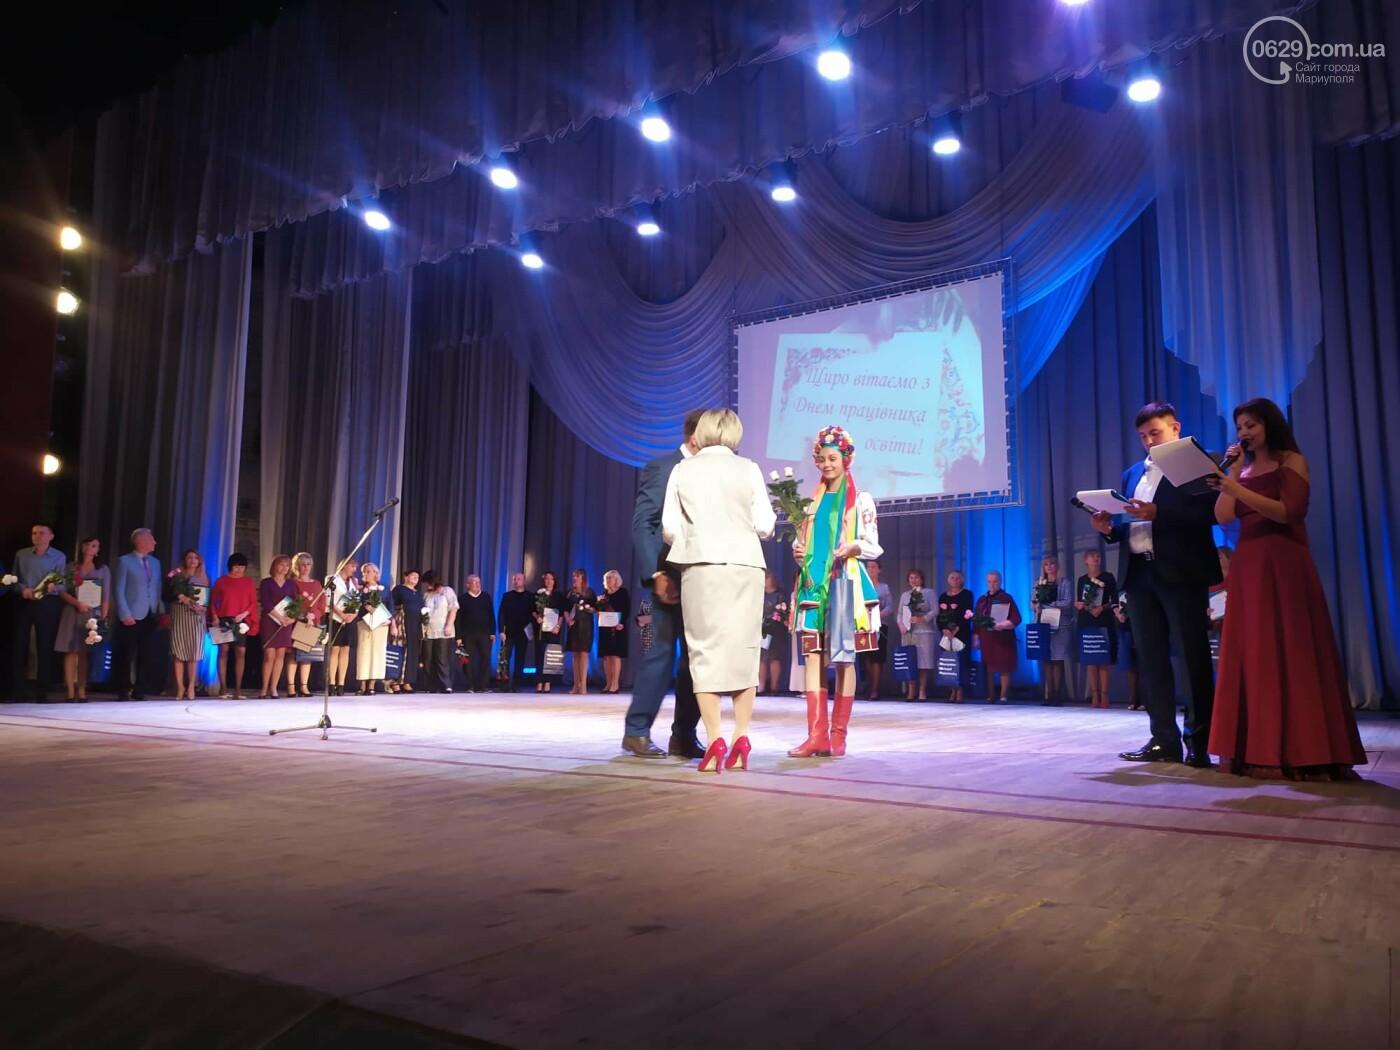 Праздник образования в Мариуполе: денежные подарки, награда родителям и памятник учителю, фото-6